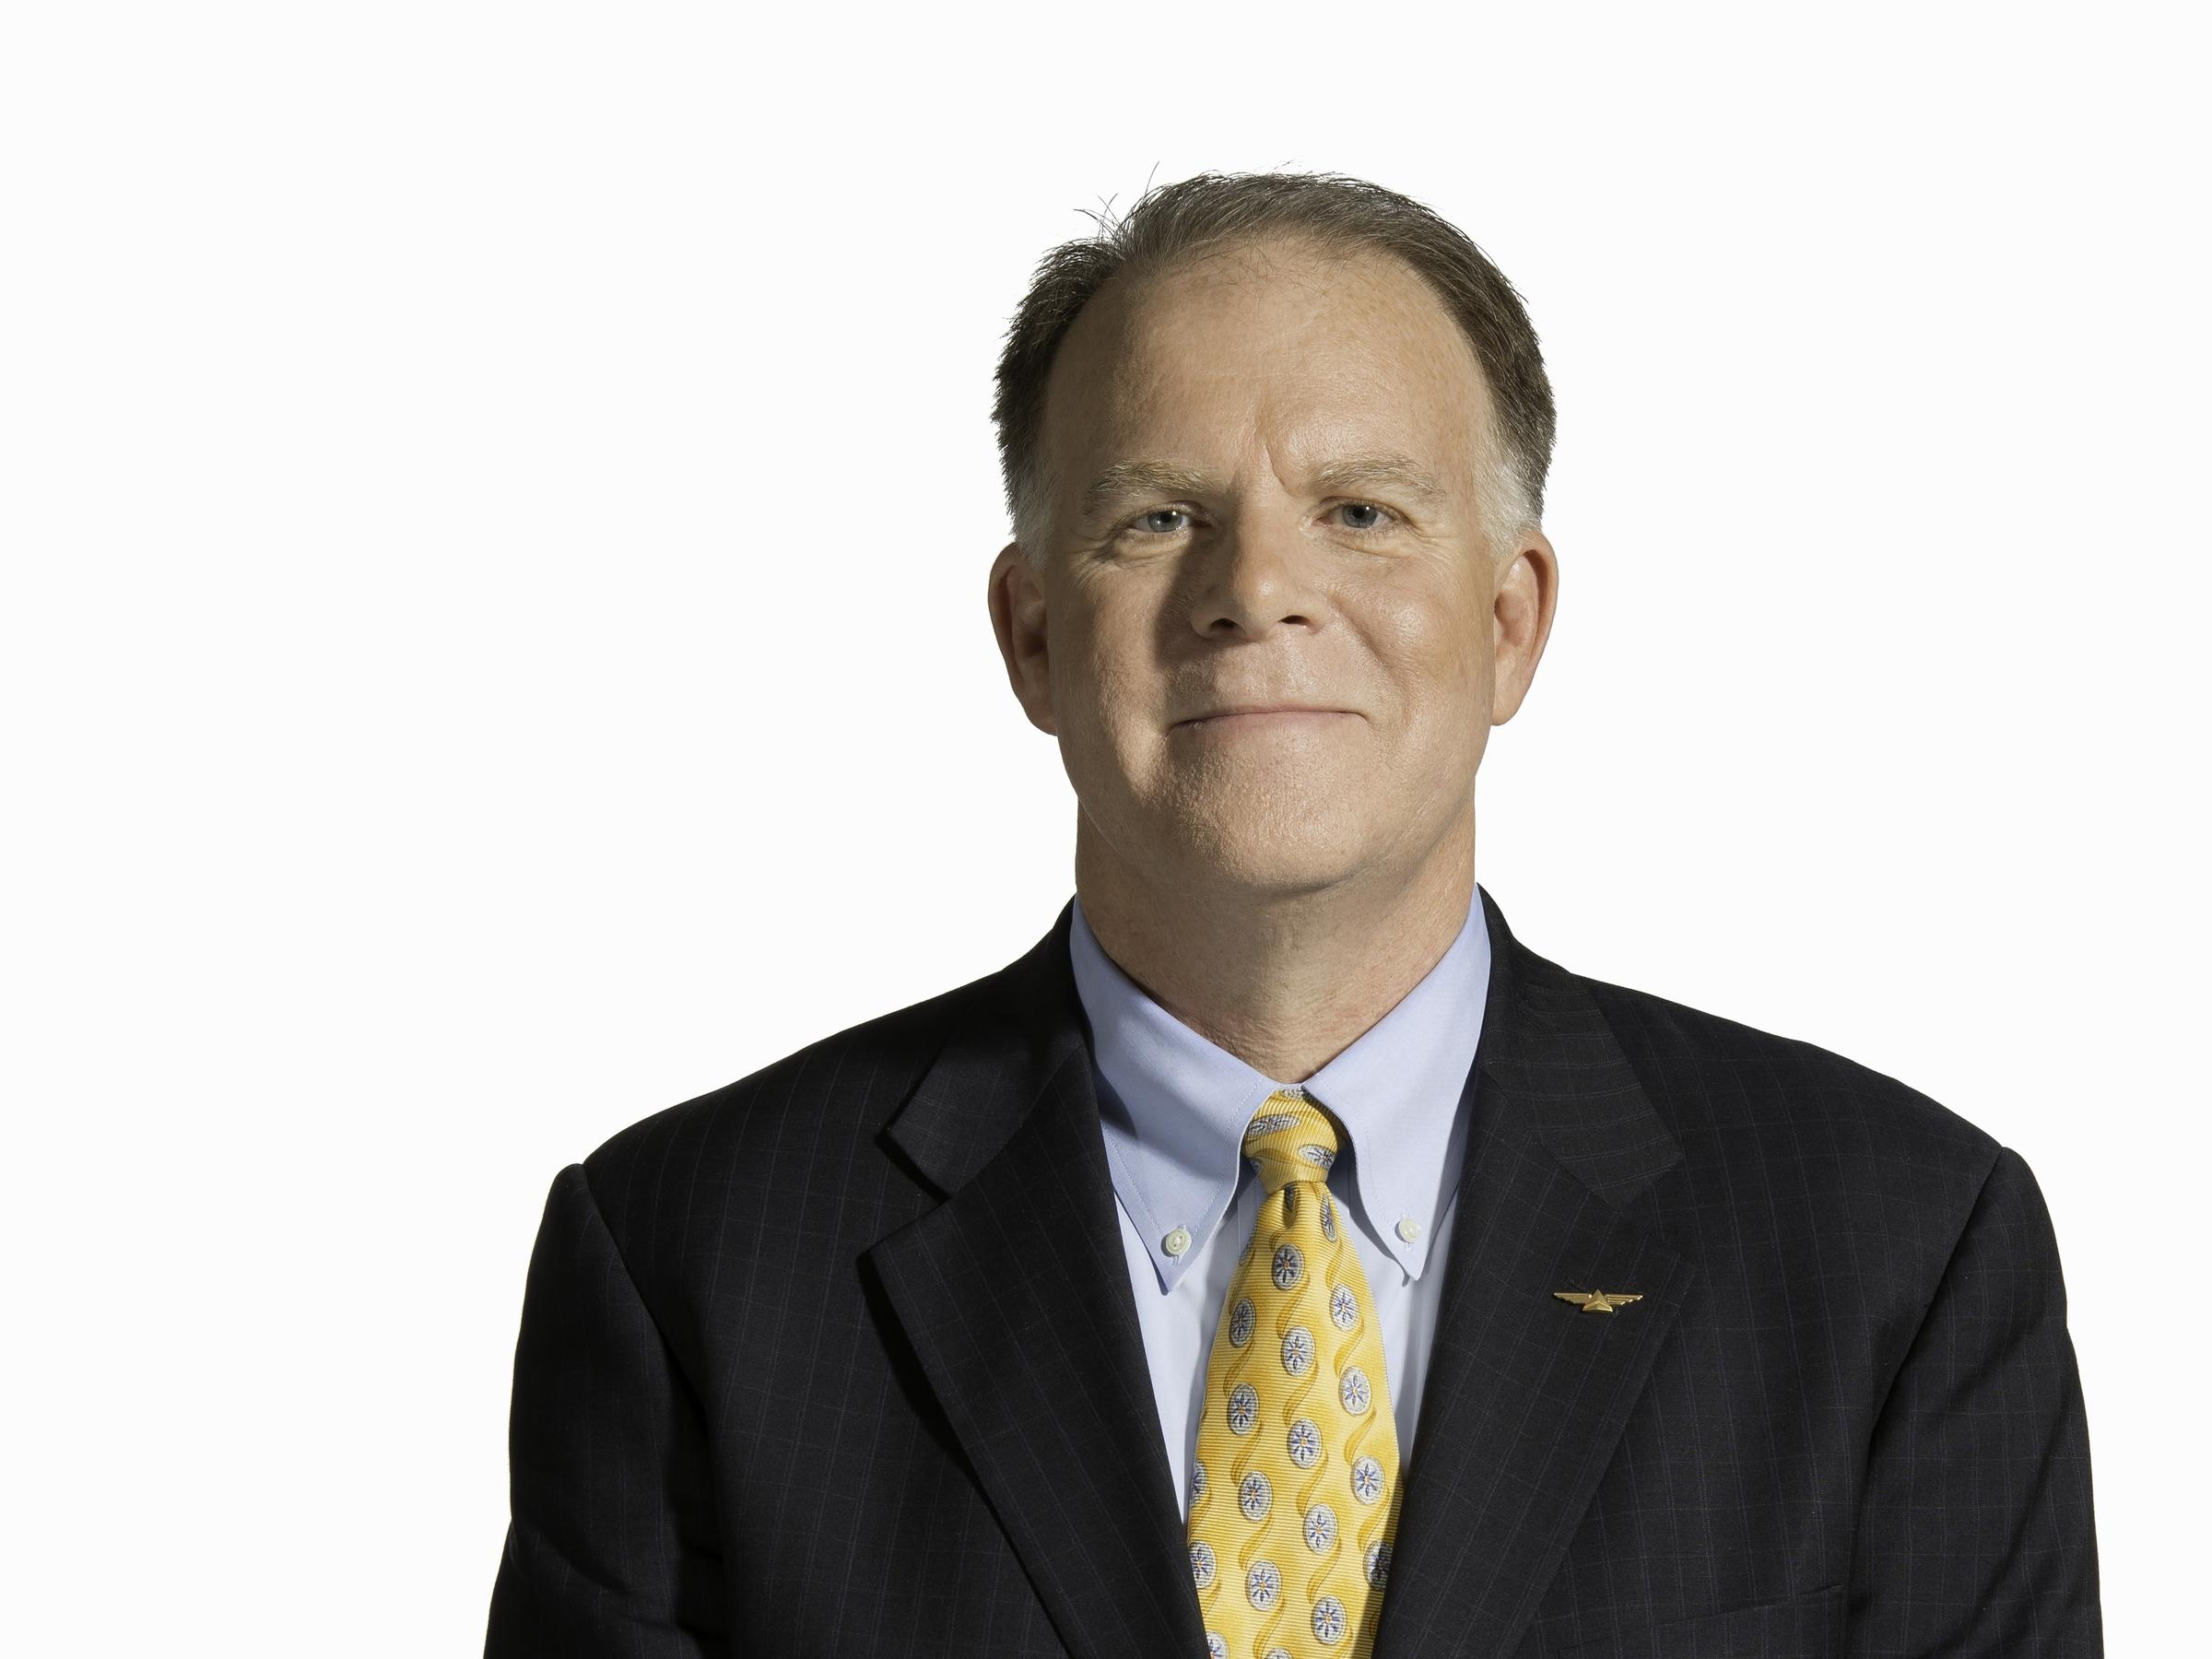 Gil West Executive Headshot